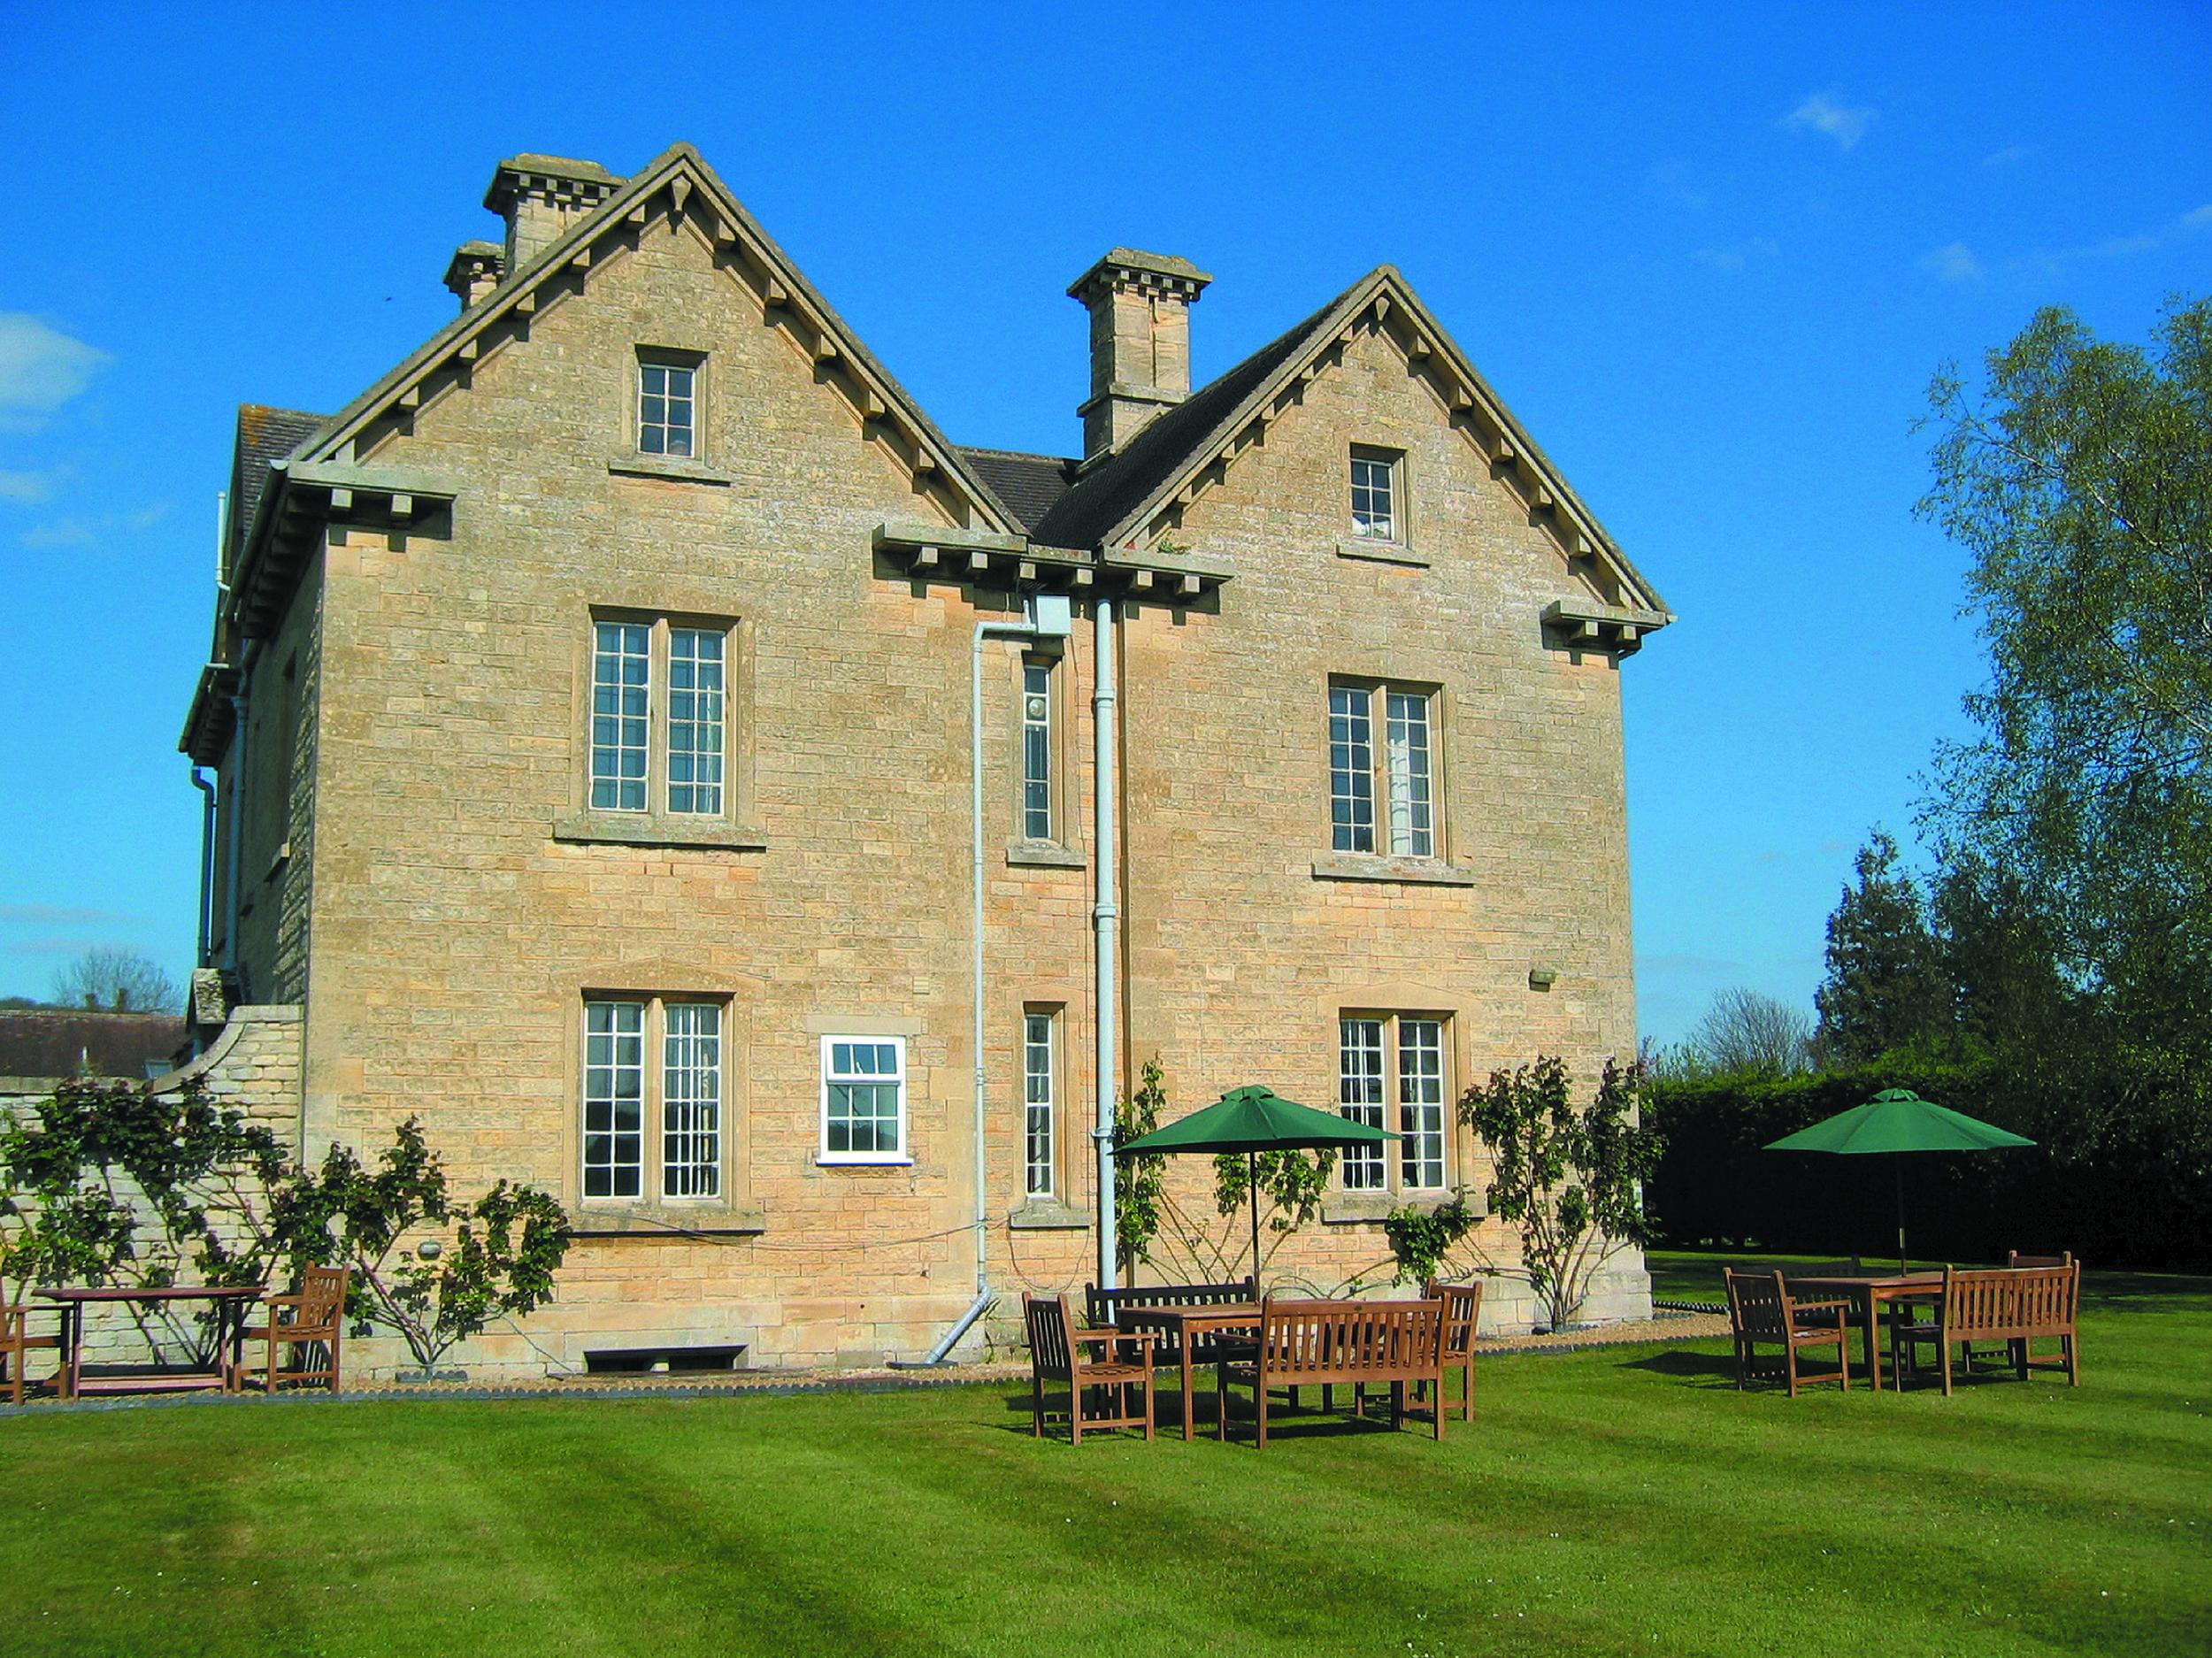 The Moretons Farmhouse